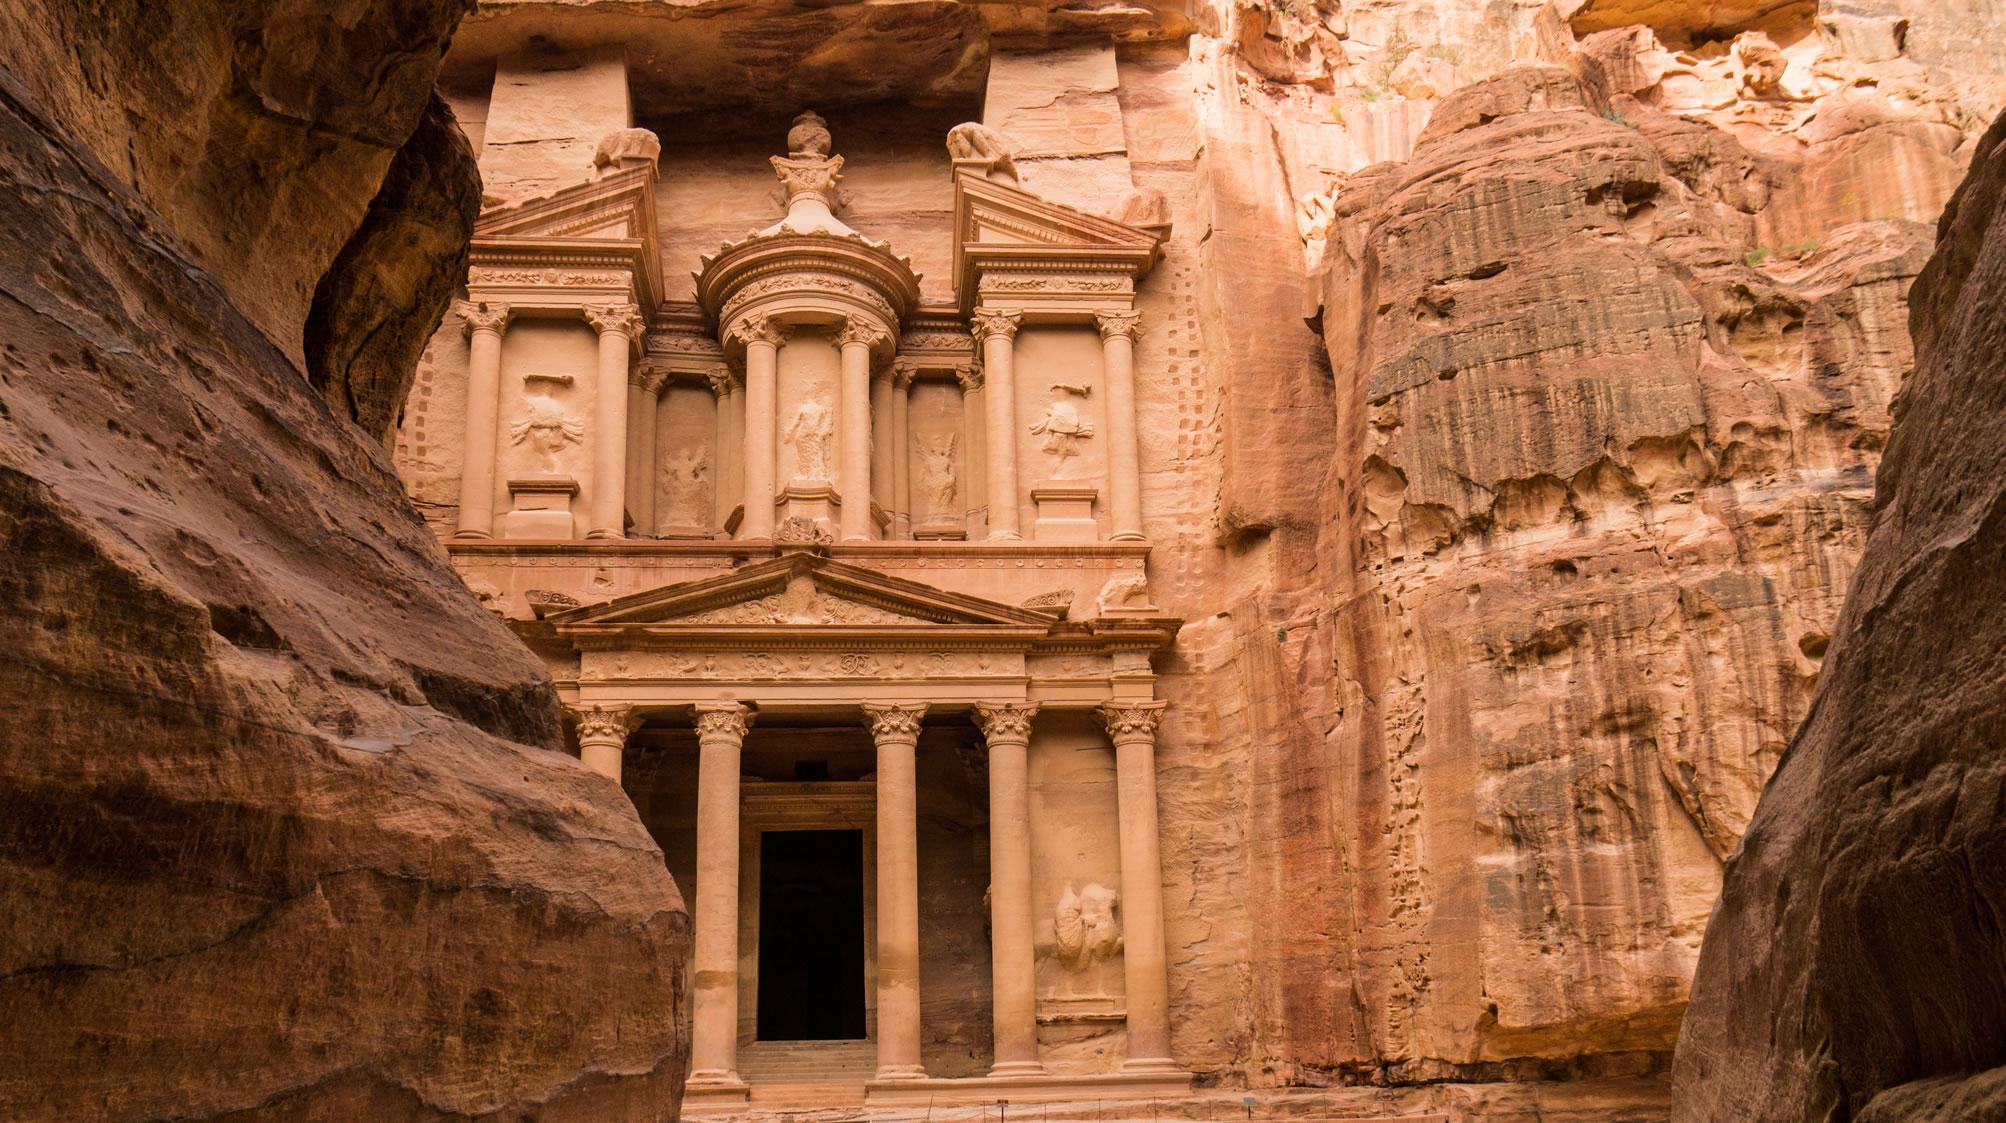 Explore the Ancient City of Petra